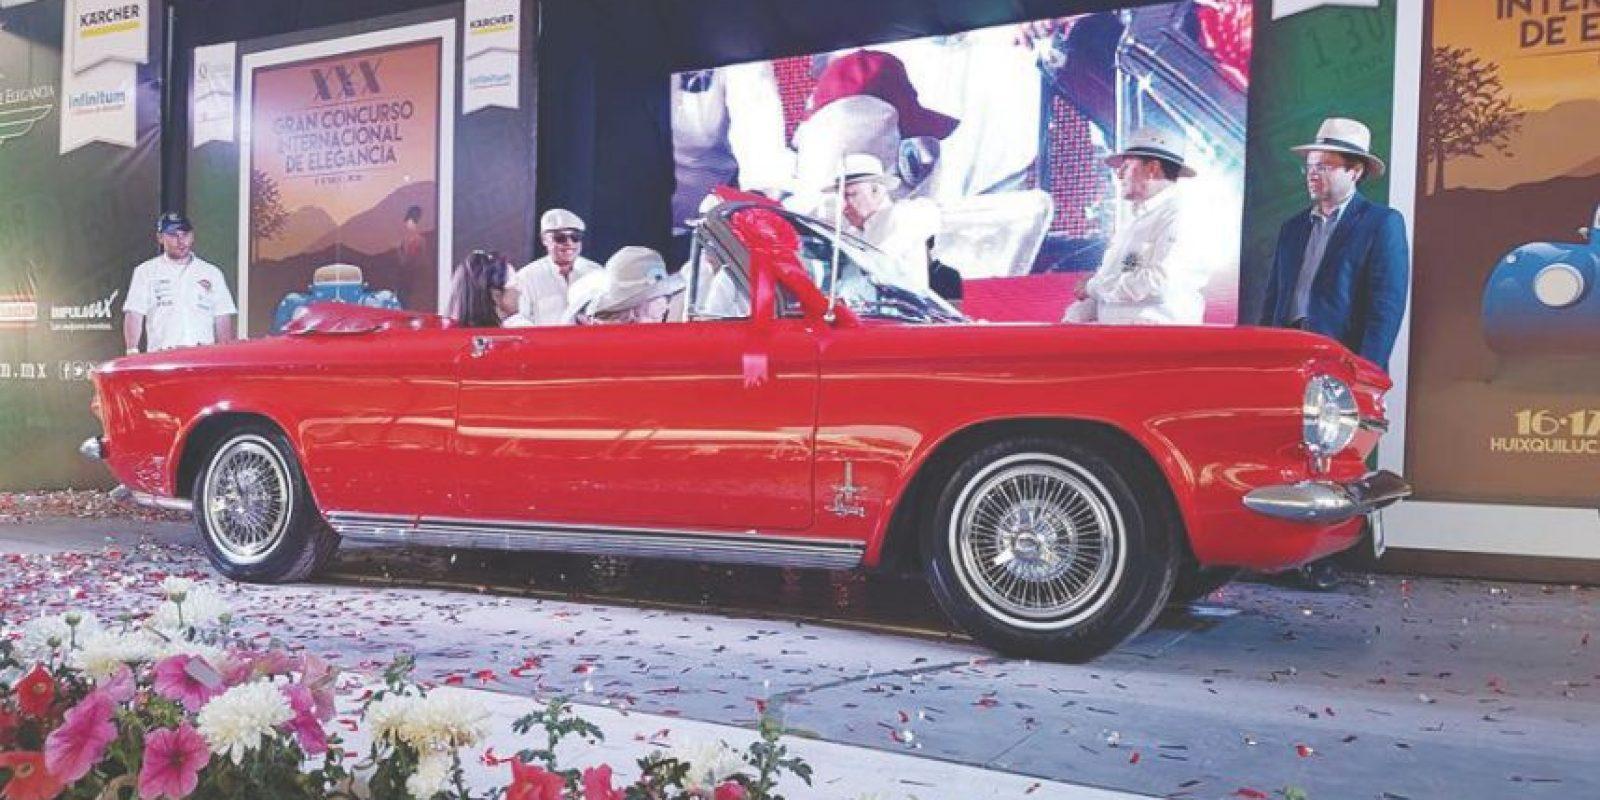 Chevrolet Corvair Monza Spyder Convertible 1963, como Mejor Auto Americano. Foto:Marco Alegría